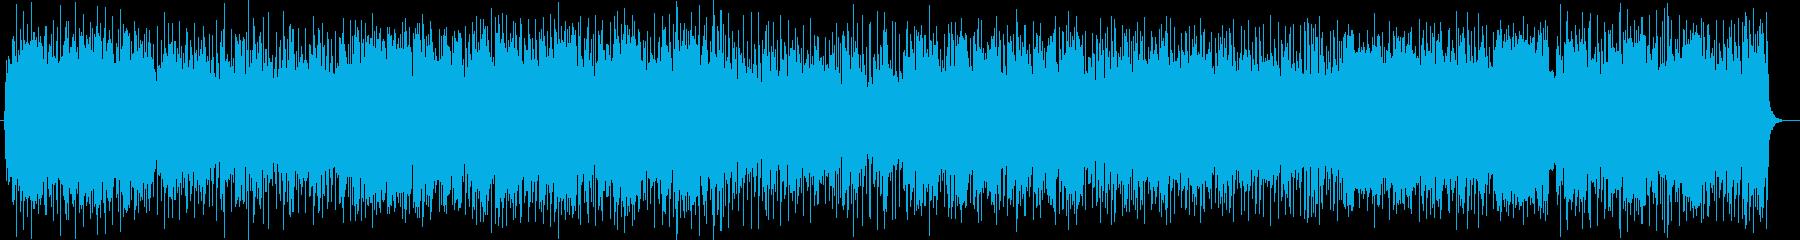 吹奏楽調の軽快なポップスの再生済みの波形